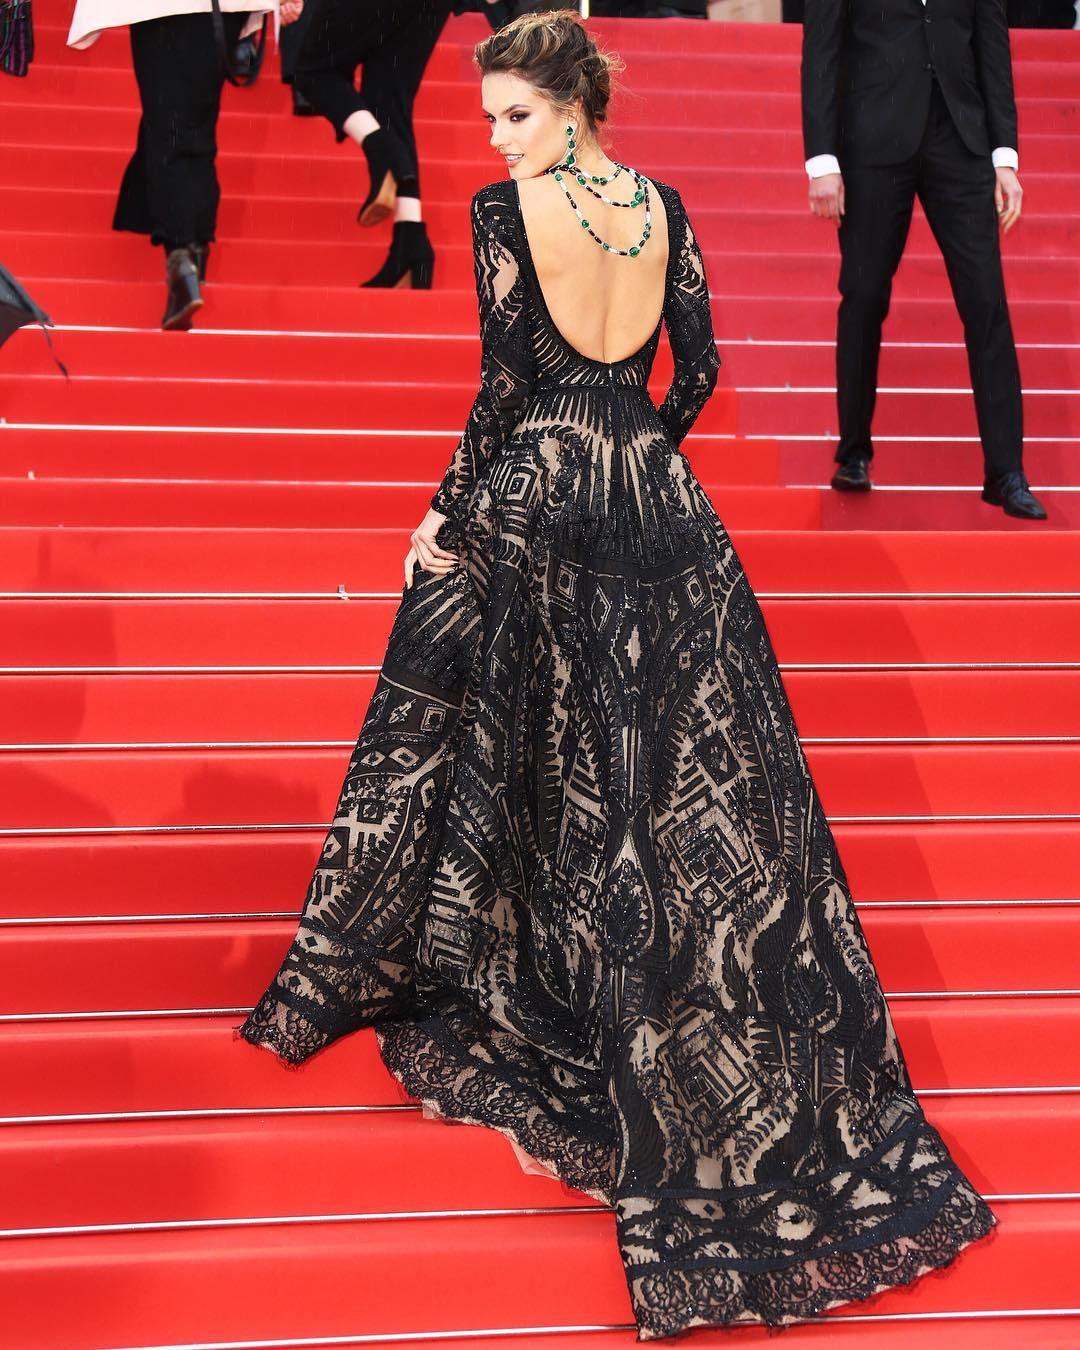 Восхищать — ее призвание: 5 потрясающих образов Алессандры Амбросио на Каннском фестивале 2018